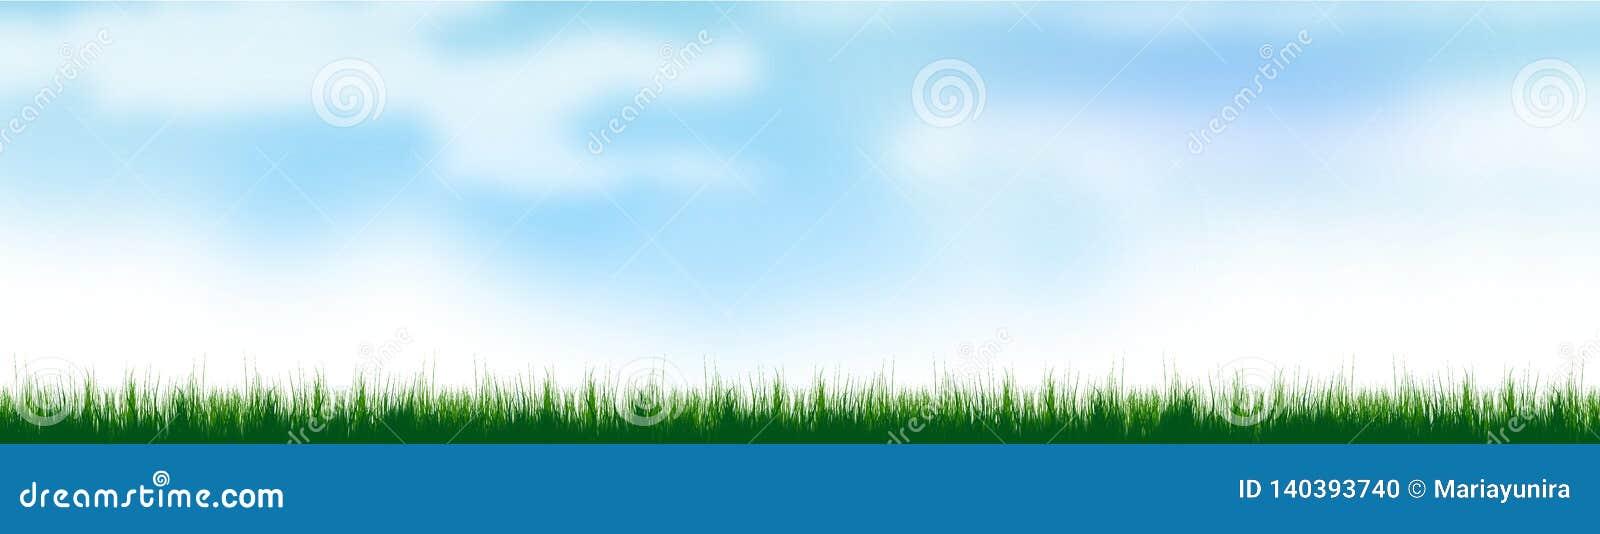 Bakgrund för grönt gräs på sommartid